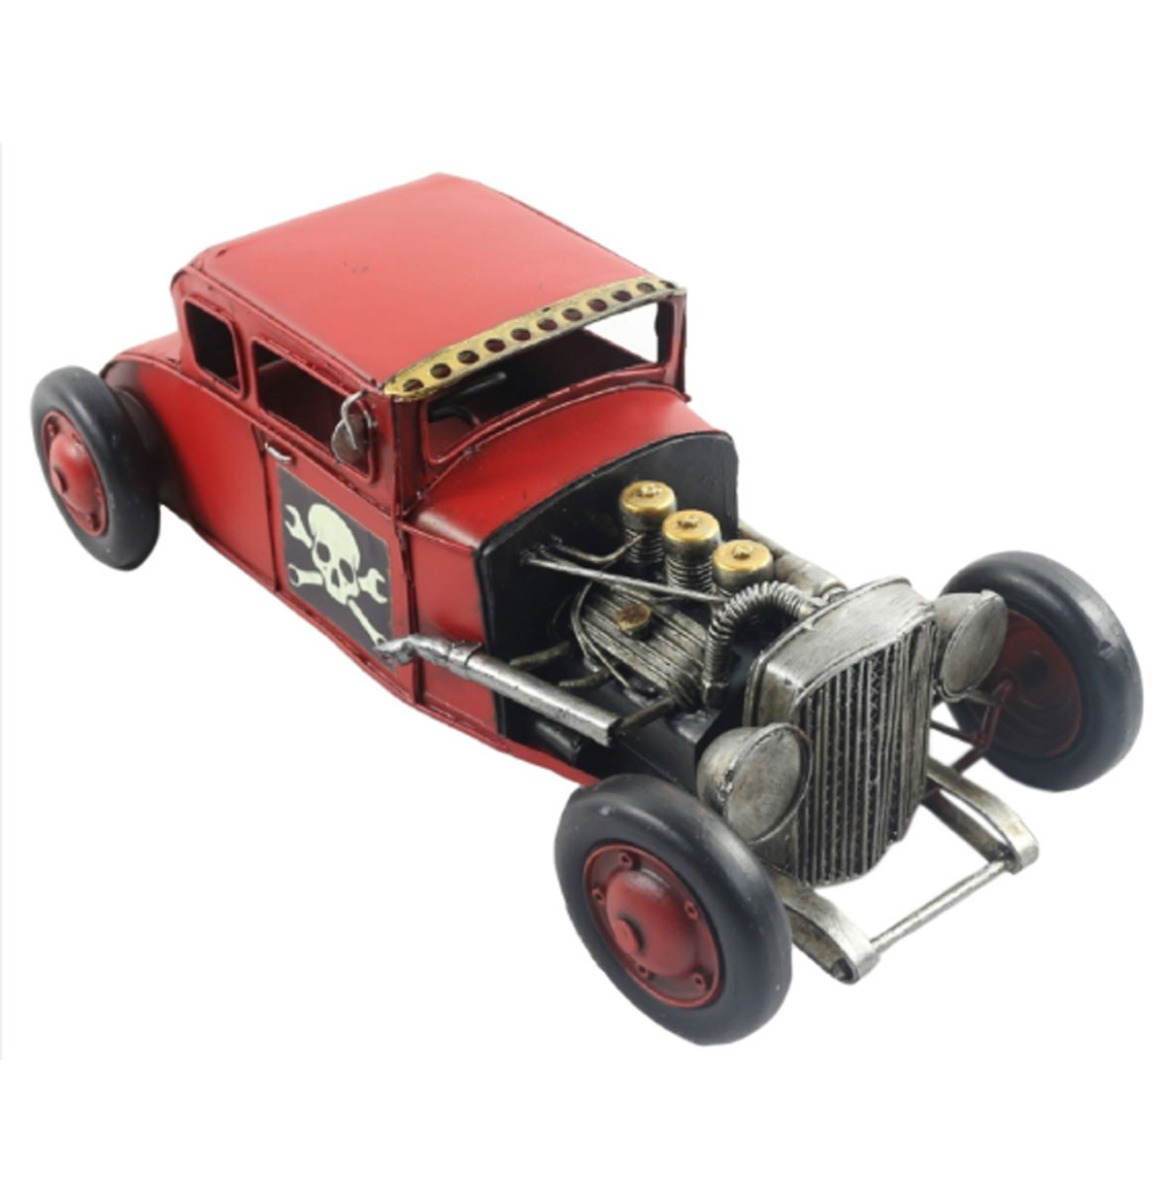 fiftiesstore Hot Rod Rood Metalen Model 32 cm